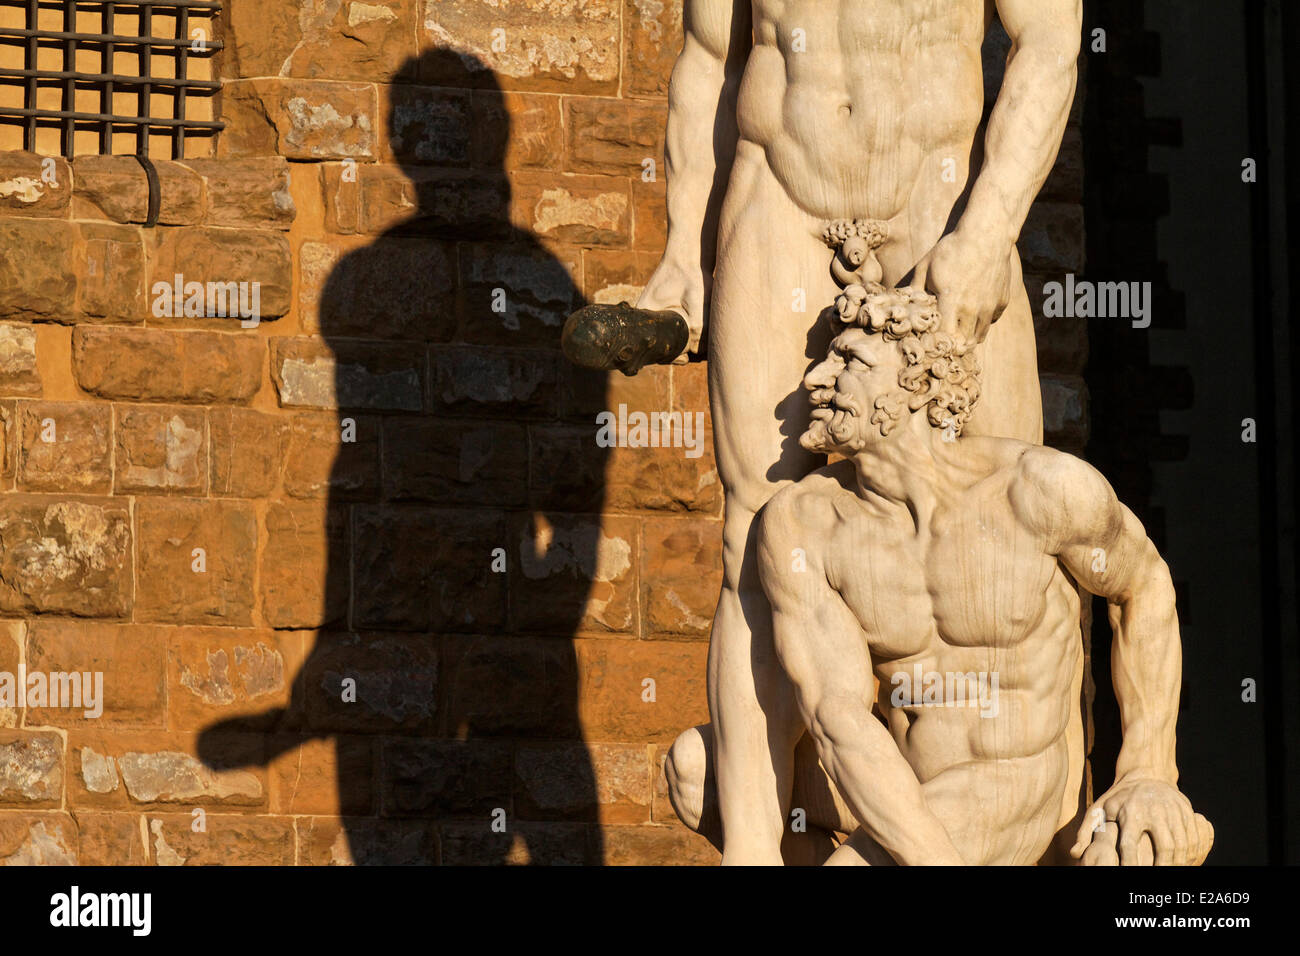 Ercole e caco latino dating